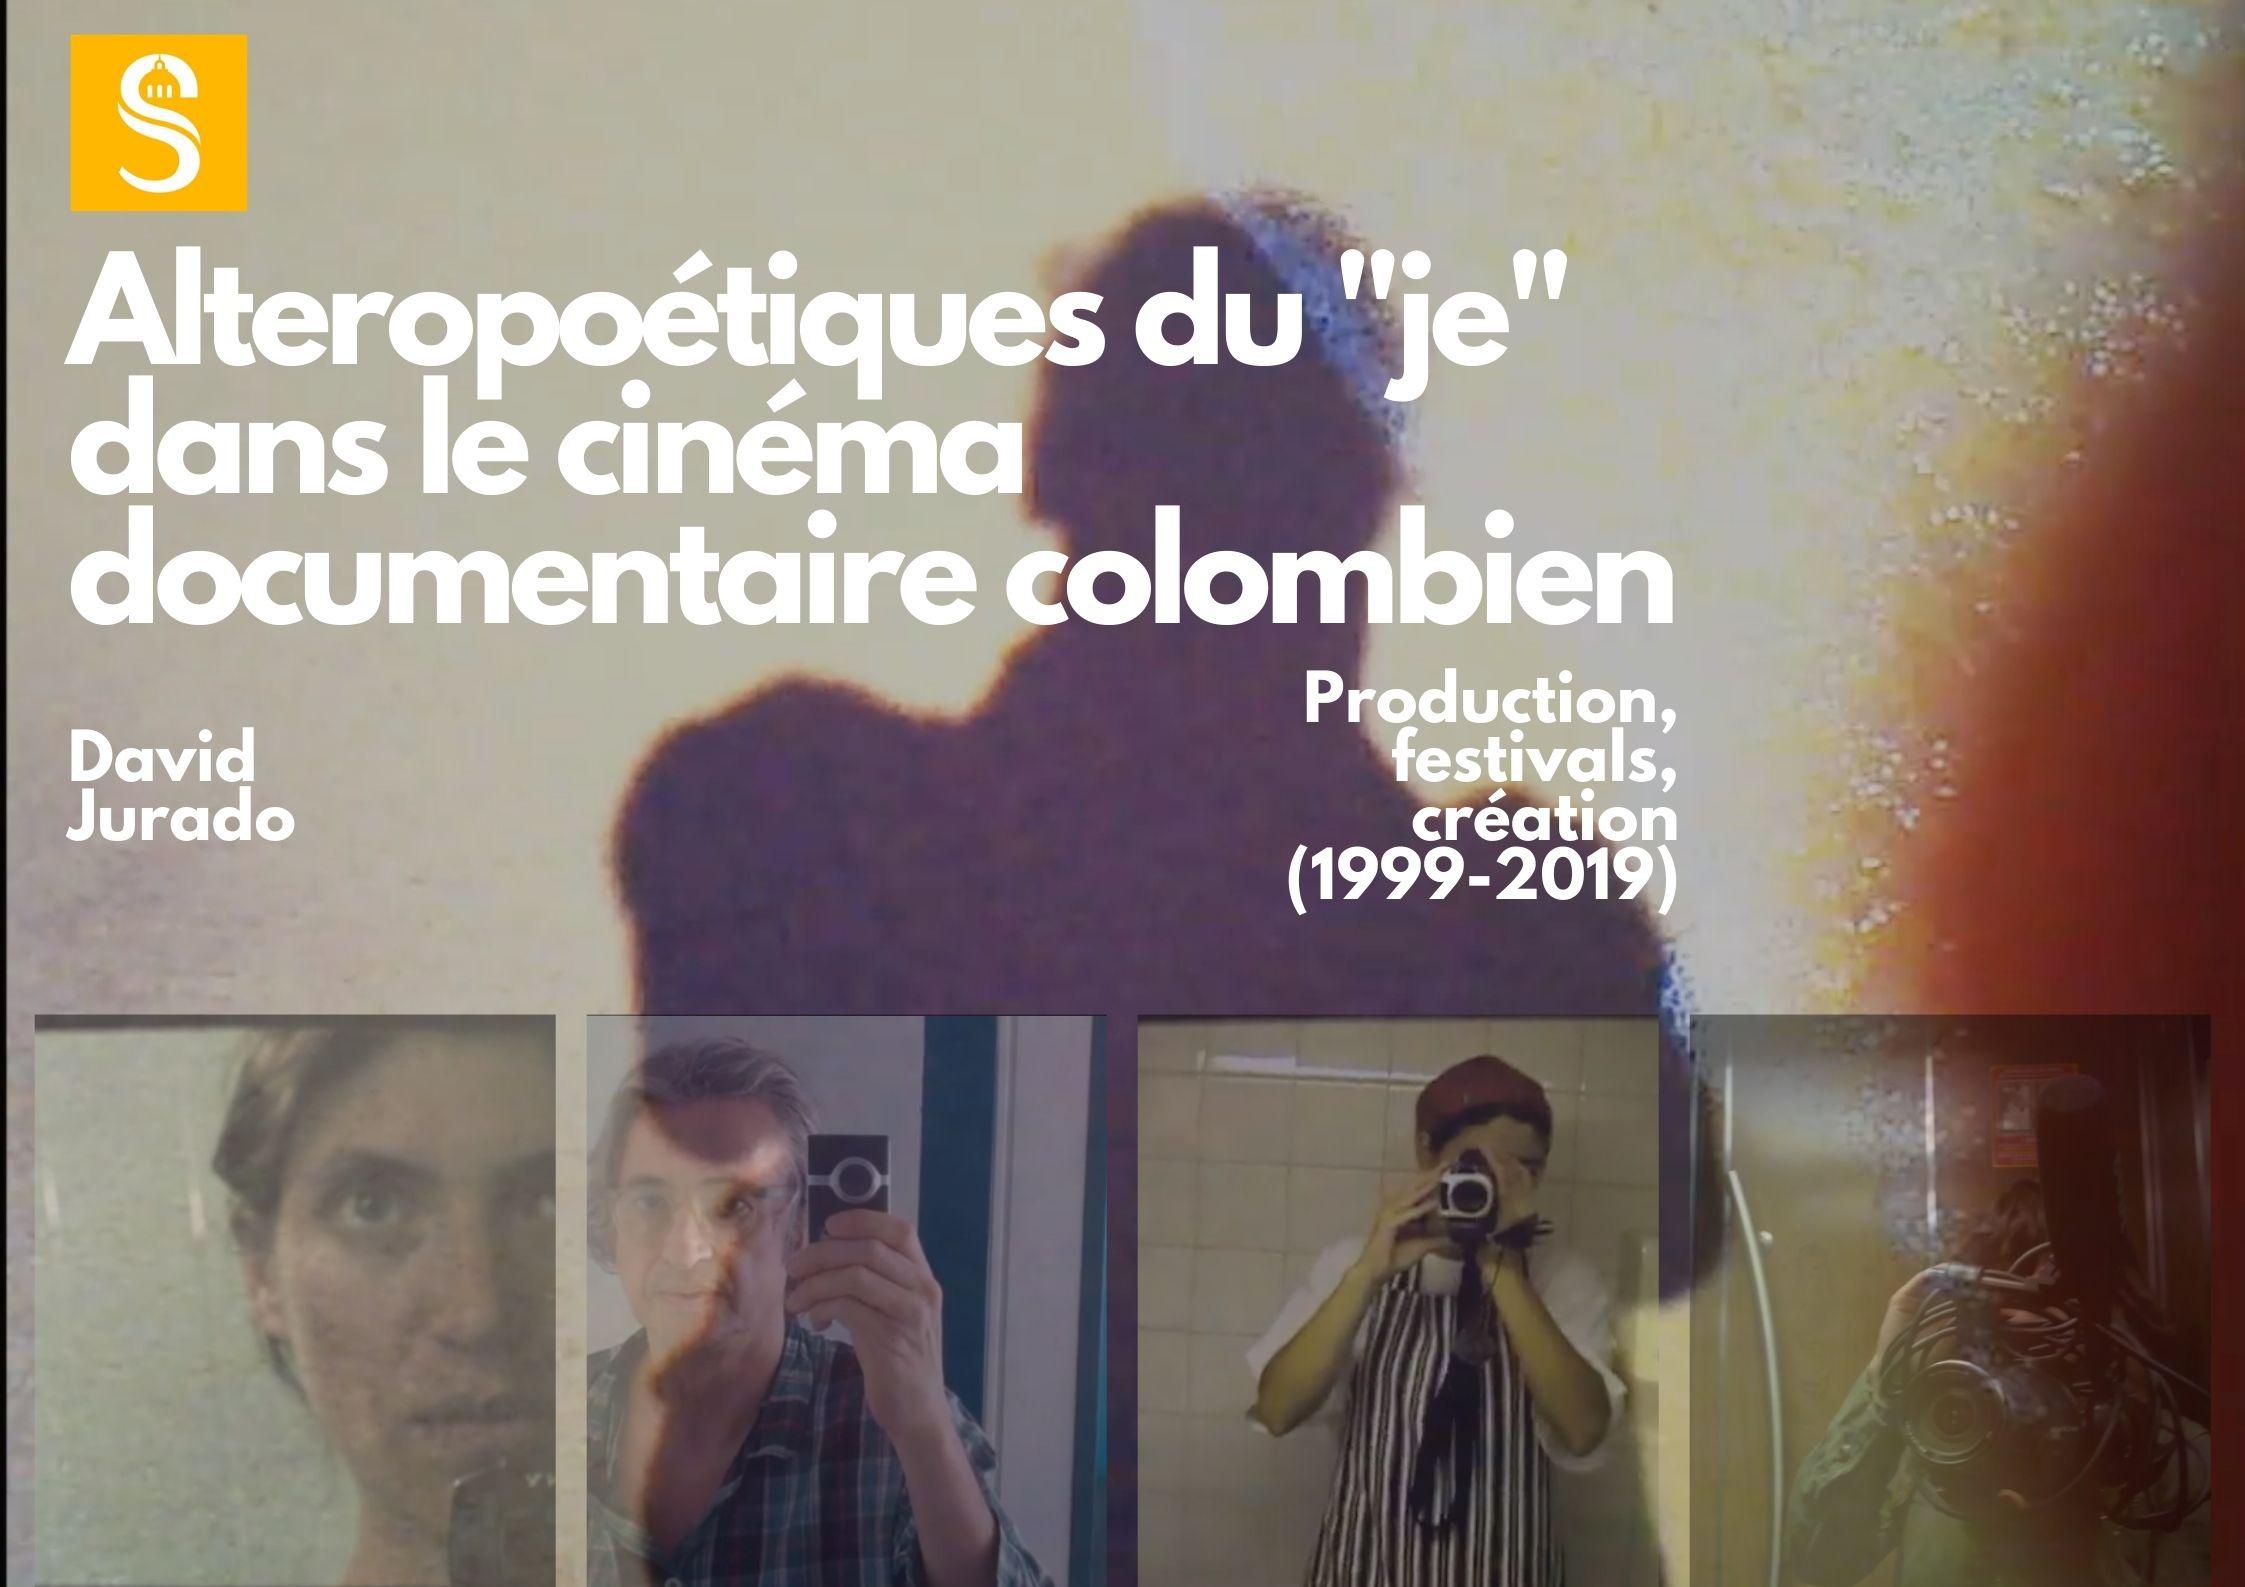 """Alteropoétiques du """"je"""" dans le cinéma documentaire colombien"""